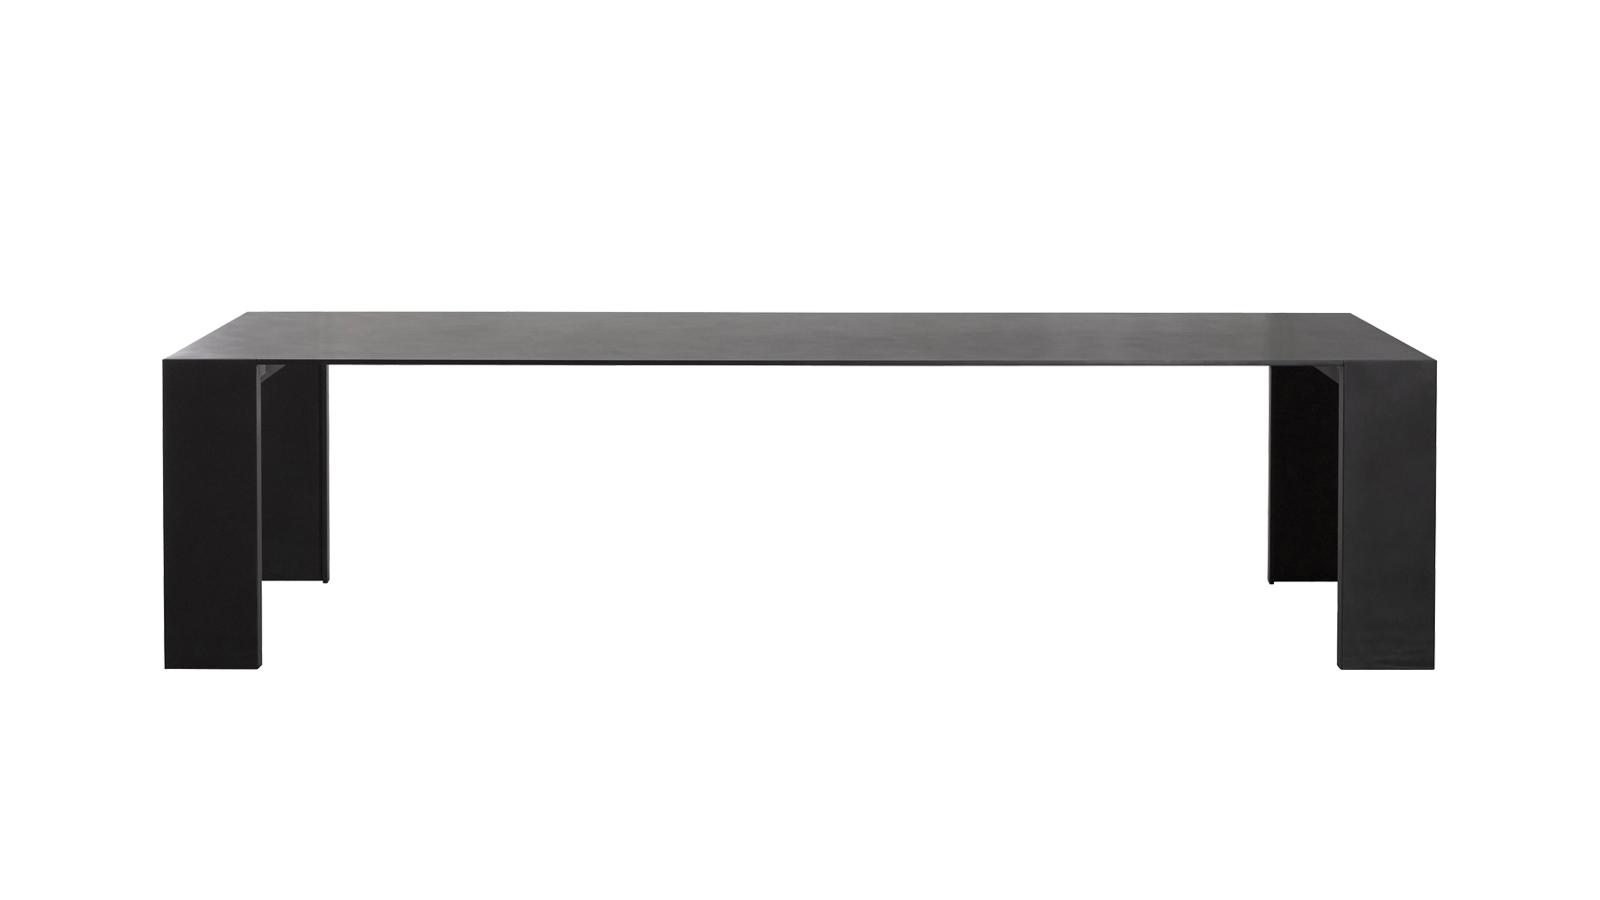 Csupán egyféle vastagsággal egy egész világot épít fel a Metallico. A mindössze 12 mm-es bútorlap átnyúlik és körbeszi az étkezőasztalt, így a papírlapszerű formából háromdimenziós, megunhatatlan bútor születik. Az alumíniumtól kezdve a fán át egészen a selyemtapintású felületig többféle változatban kapható.